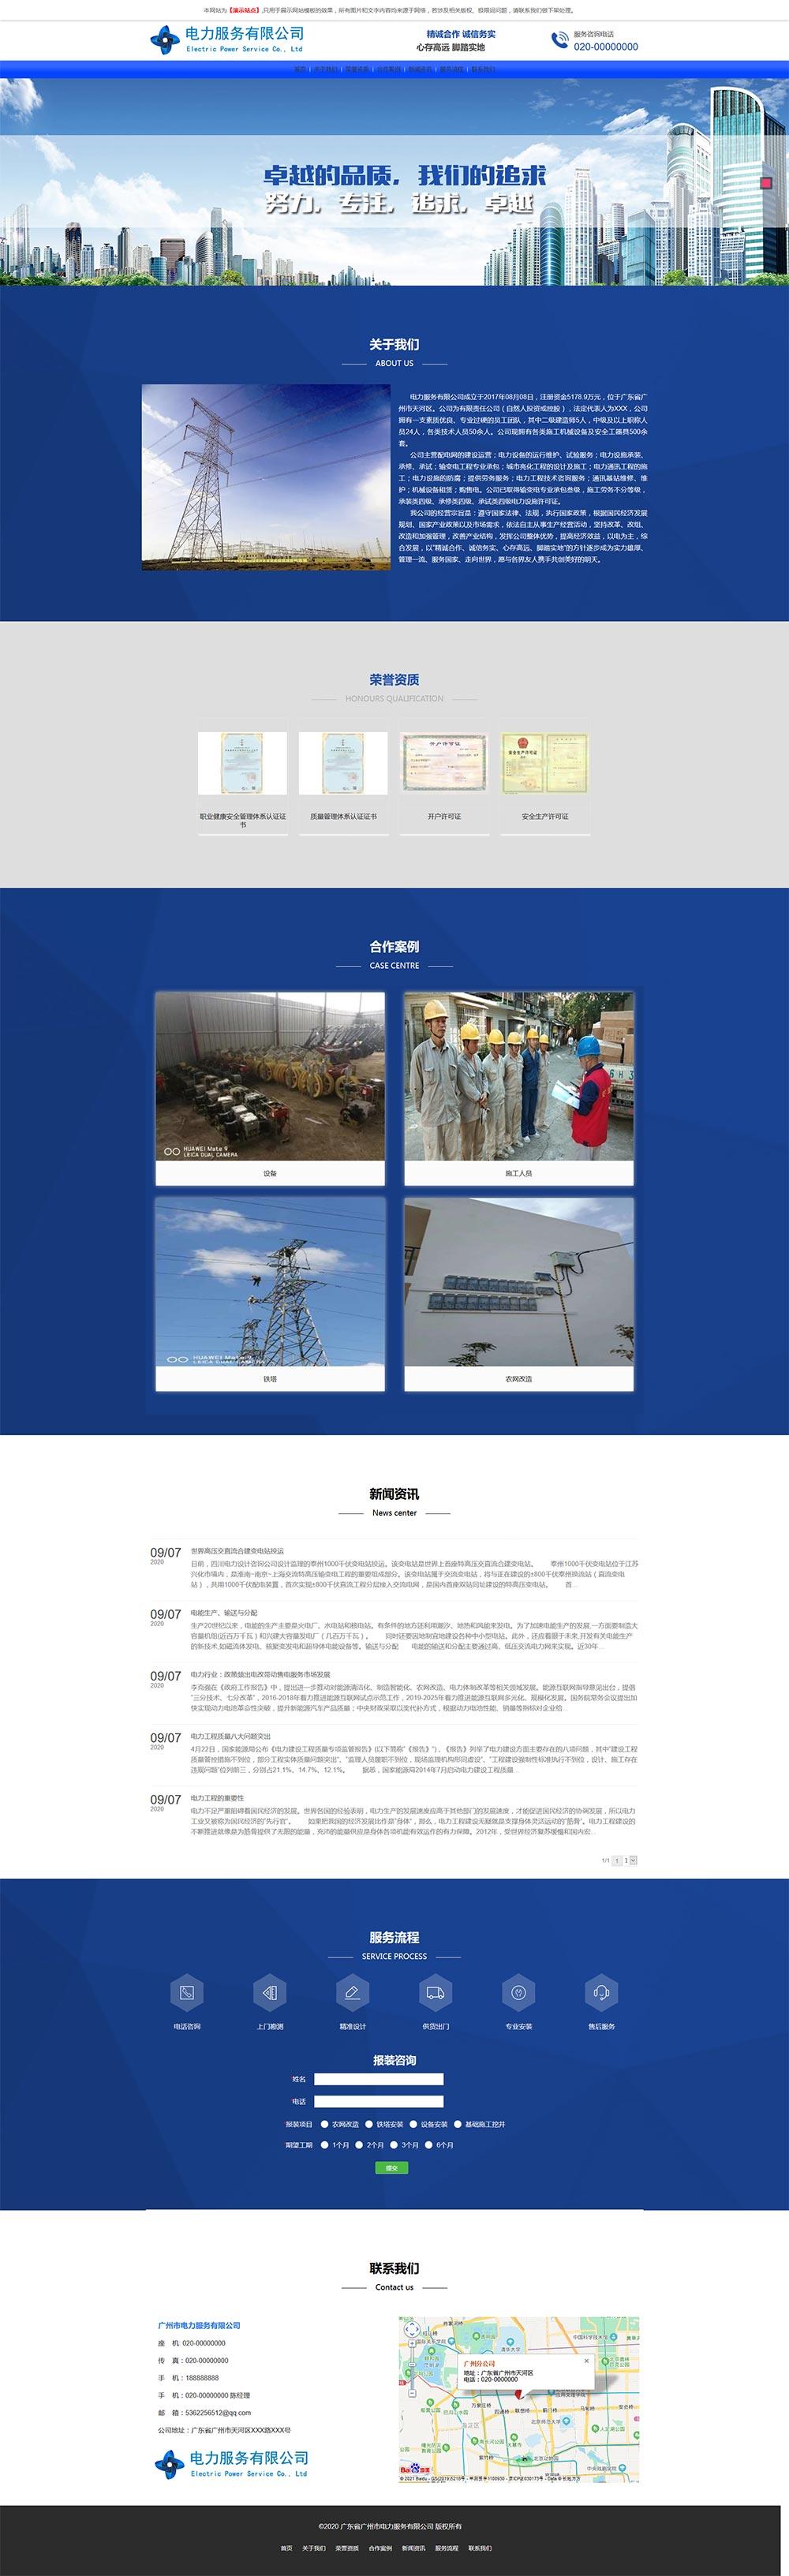 电力服务.jpg